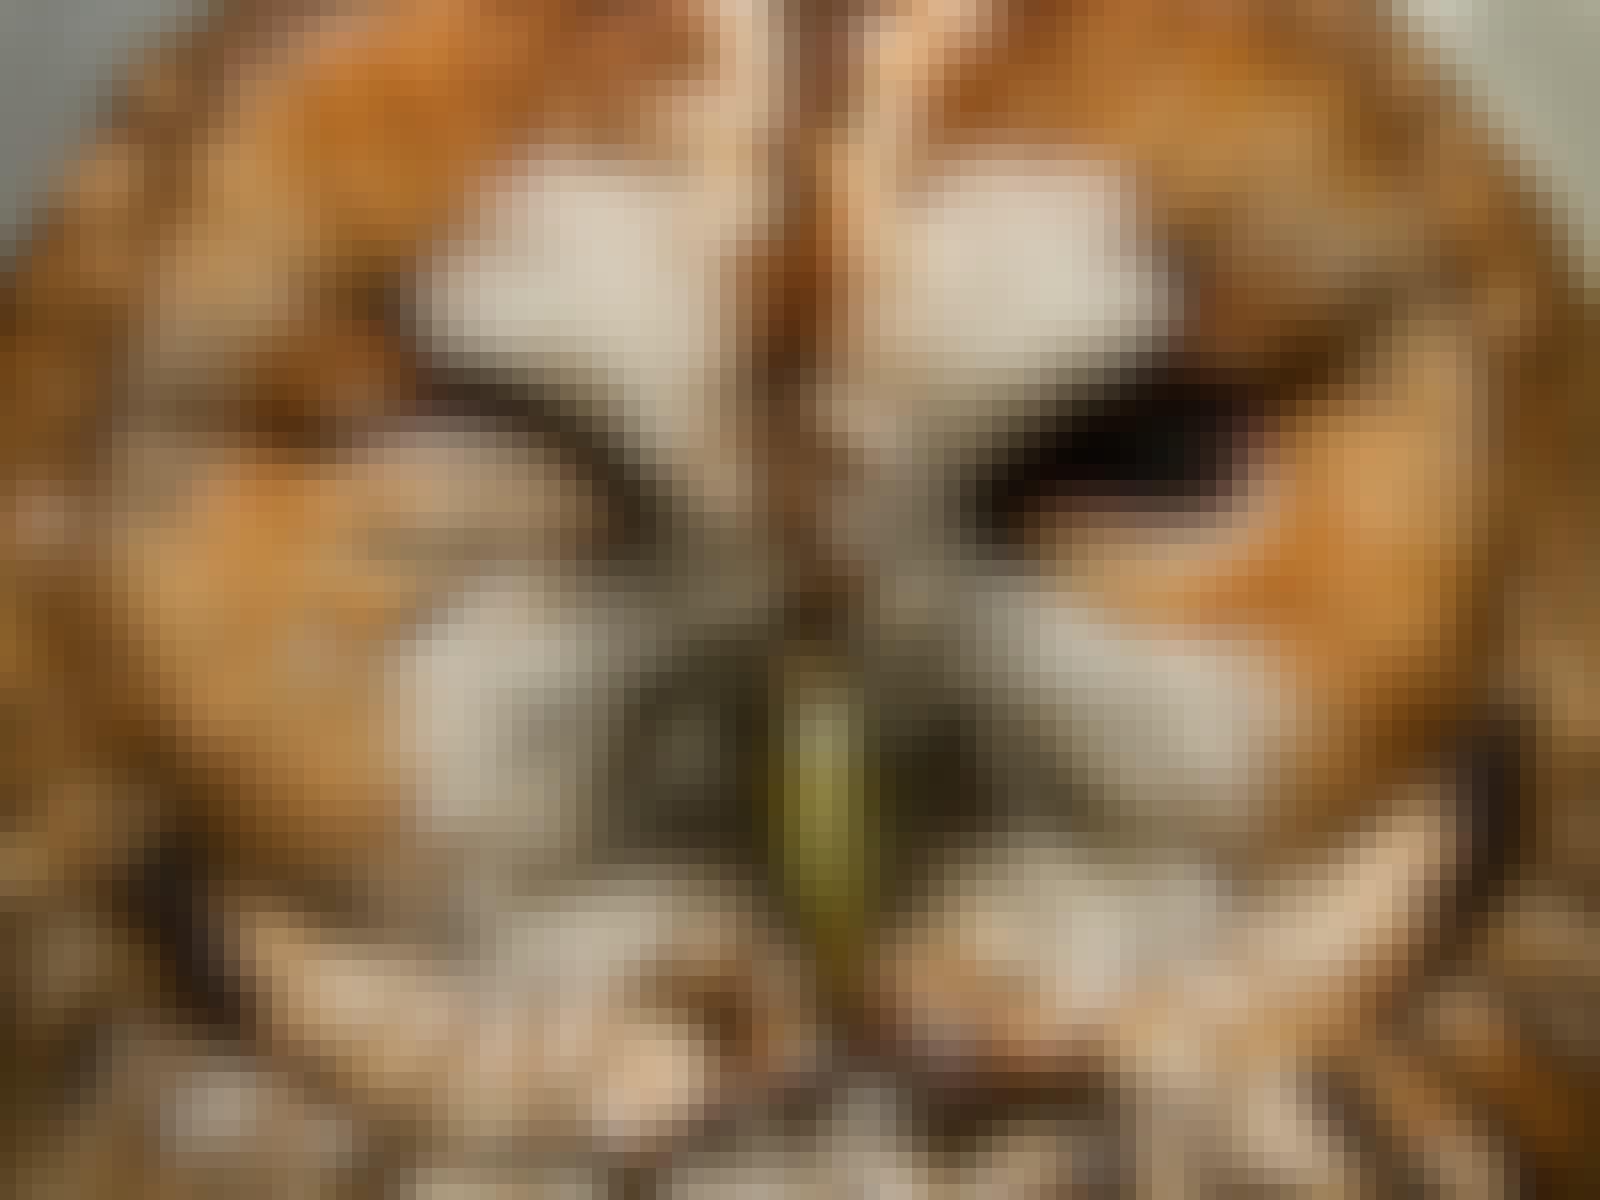 Pöllö nukkuu toinen silmä auki